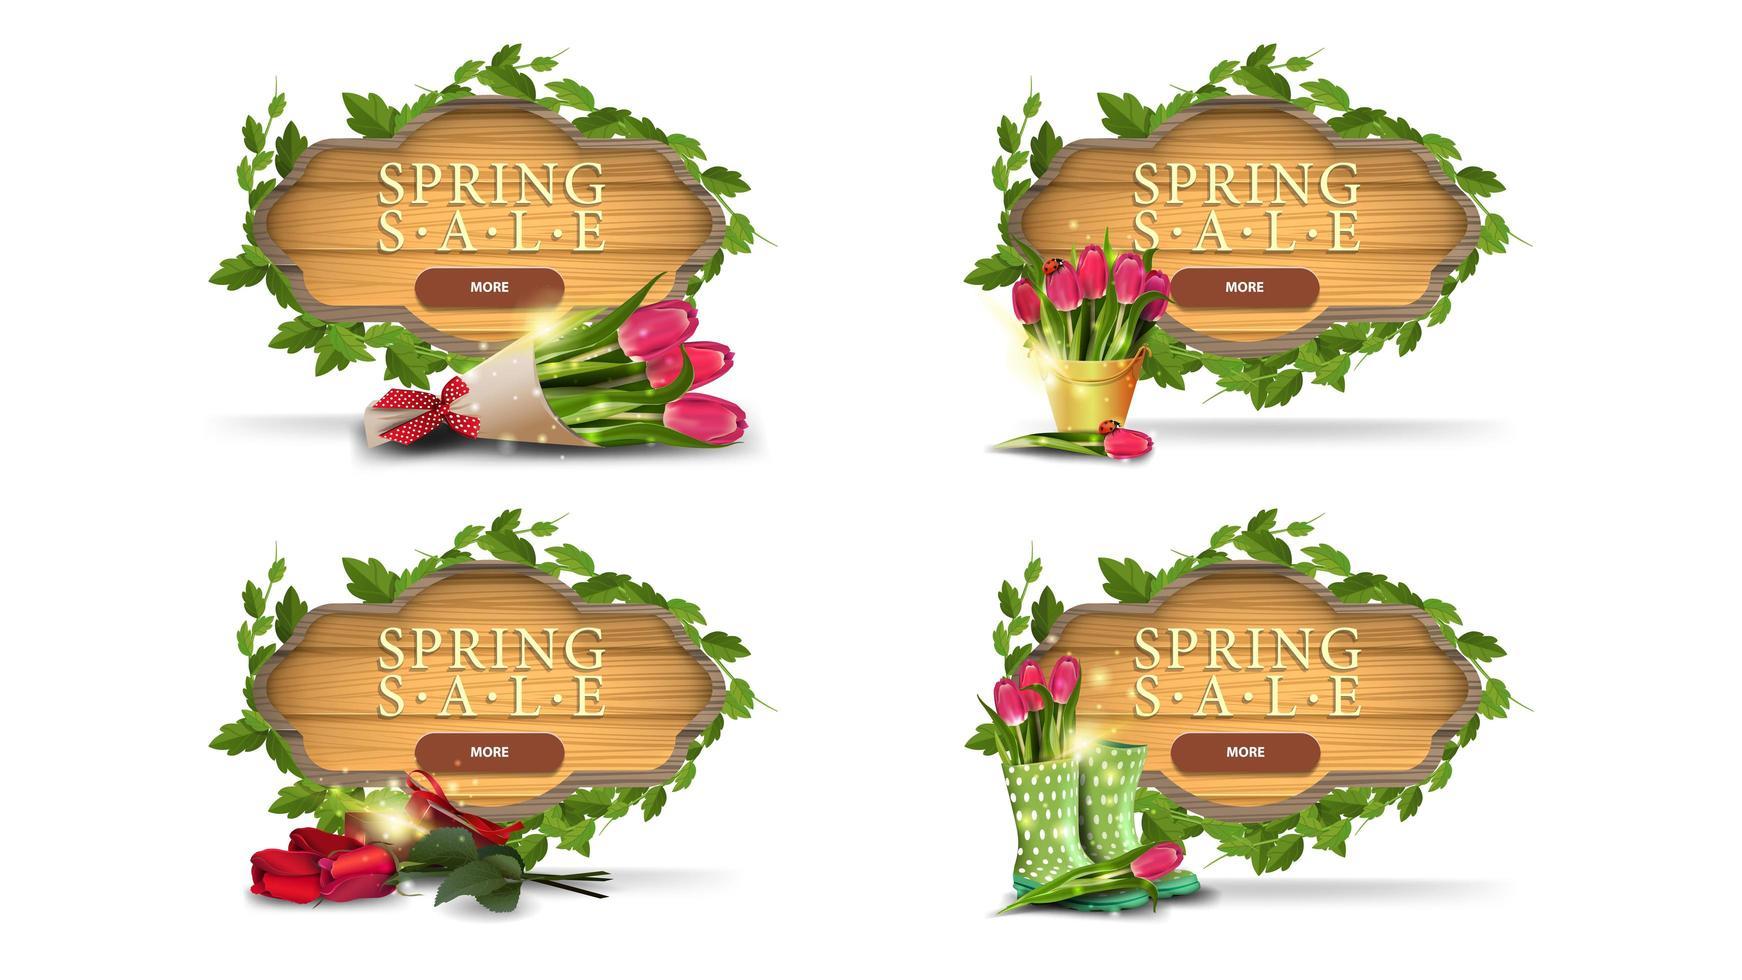 primavera vendita banner con cornice in legno con foglie vettore